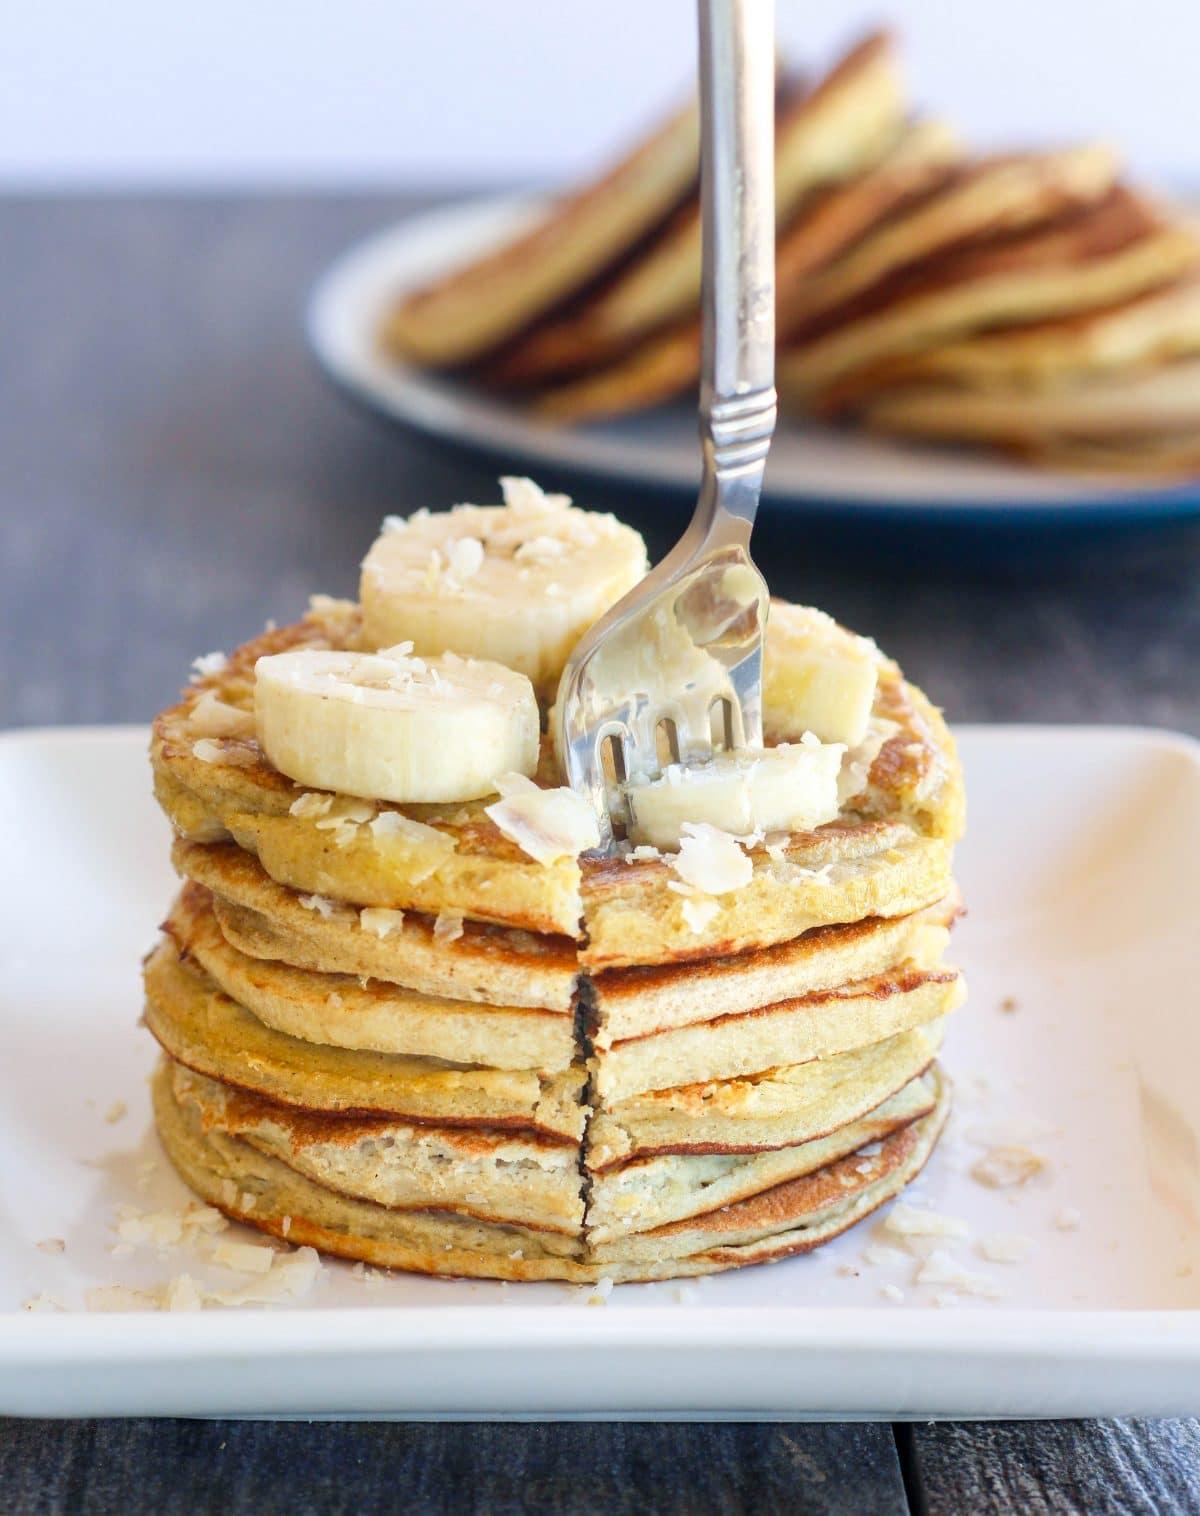 pancake stack fork